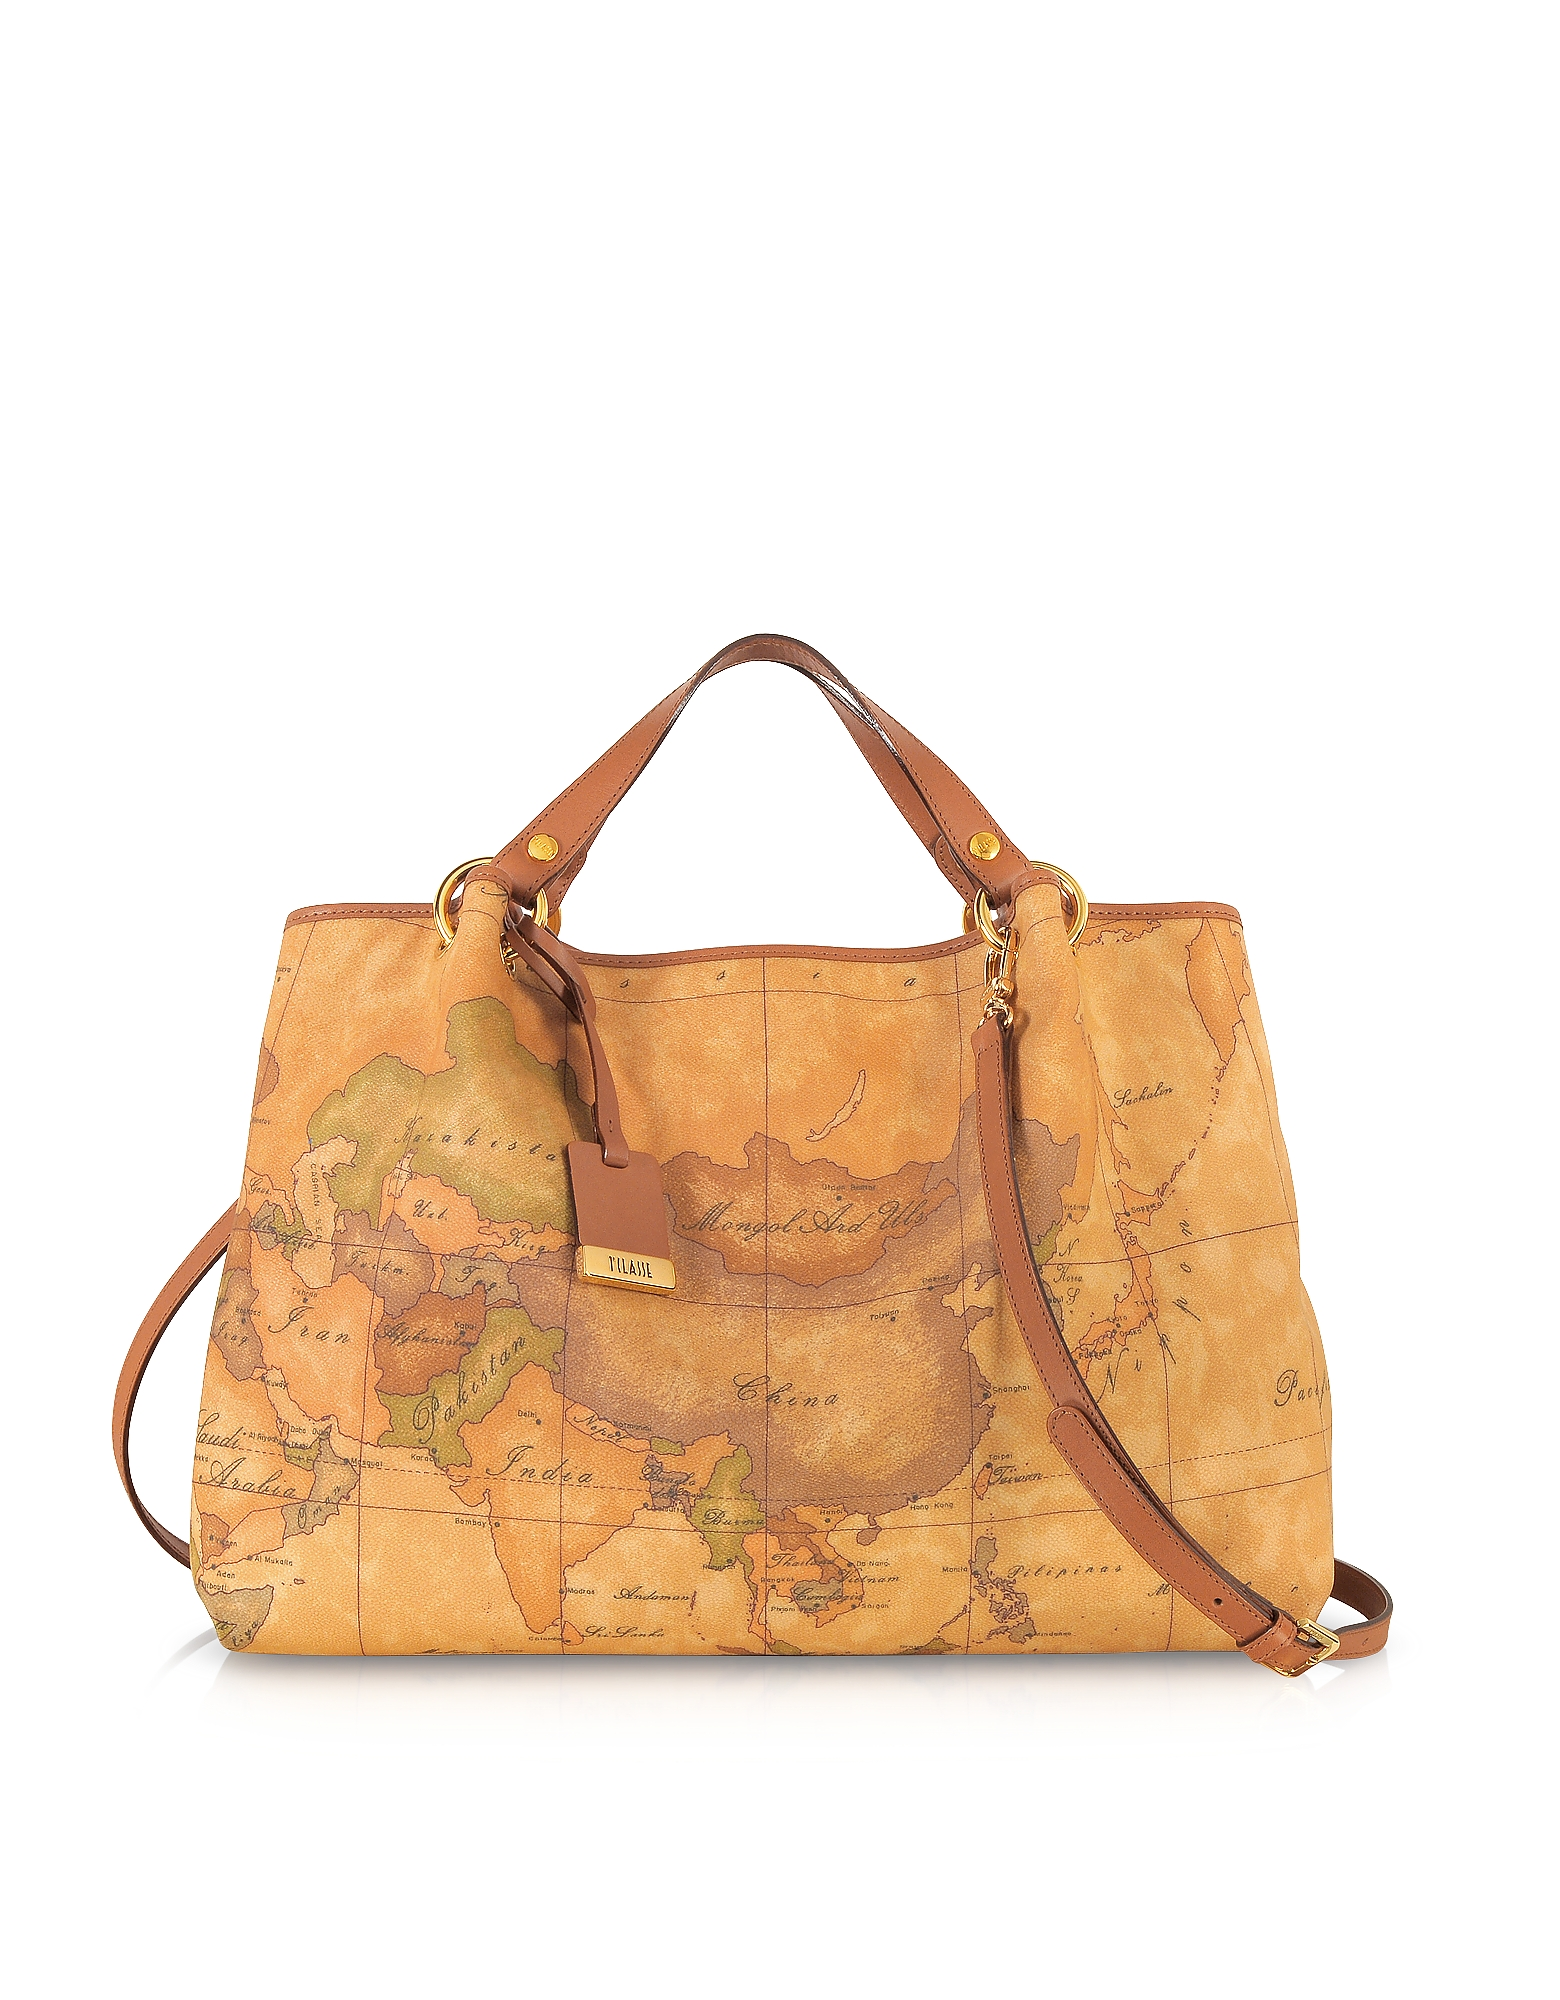 Alviero Martini 1A Classe Handbags, Geo Printed Large 'Contemporary' Handbag